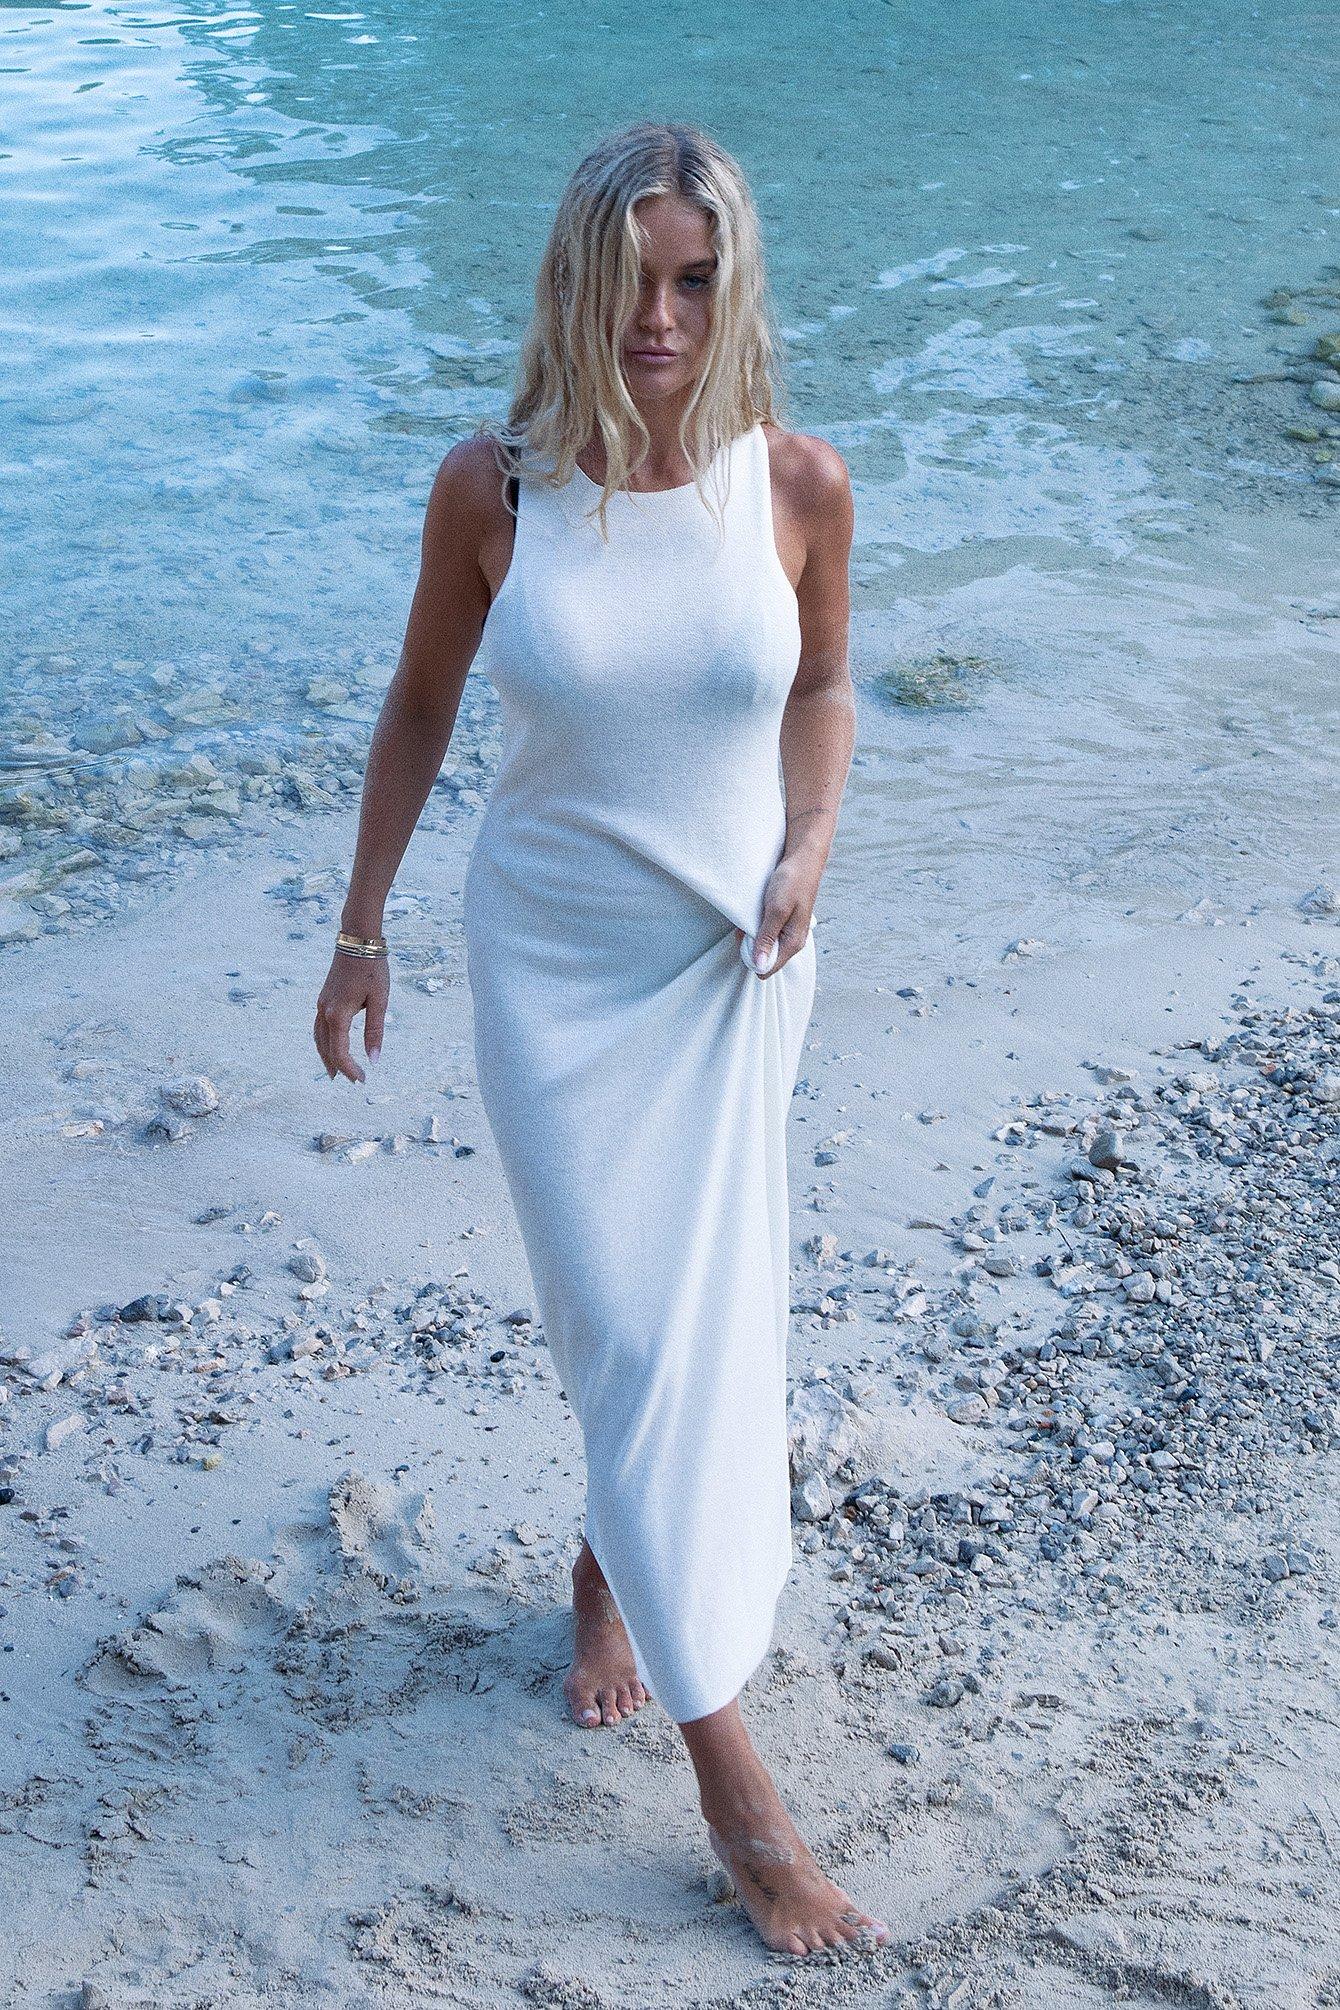 josefine hj x na-kd -  Langes Kleid Mit Neckholder-Ausschnitt - White